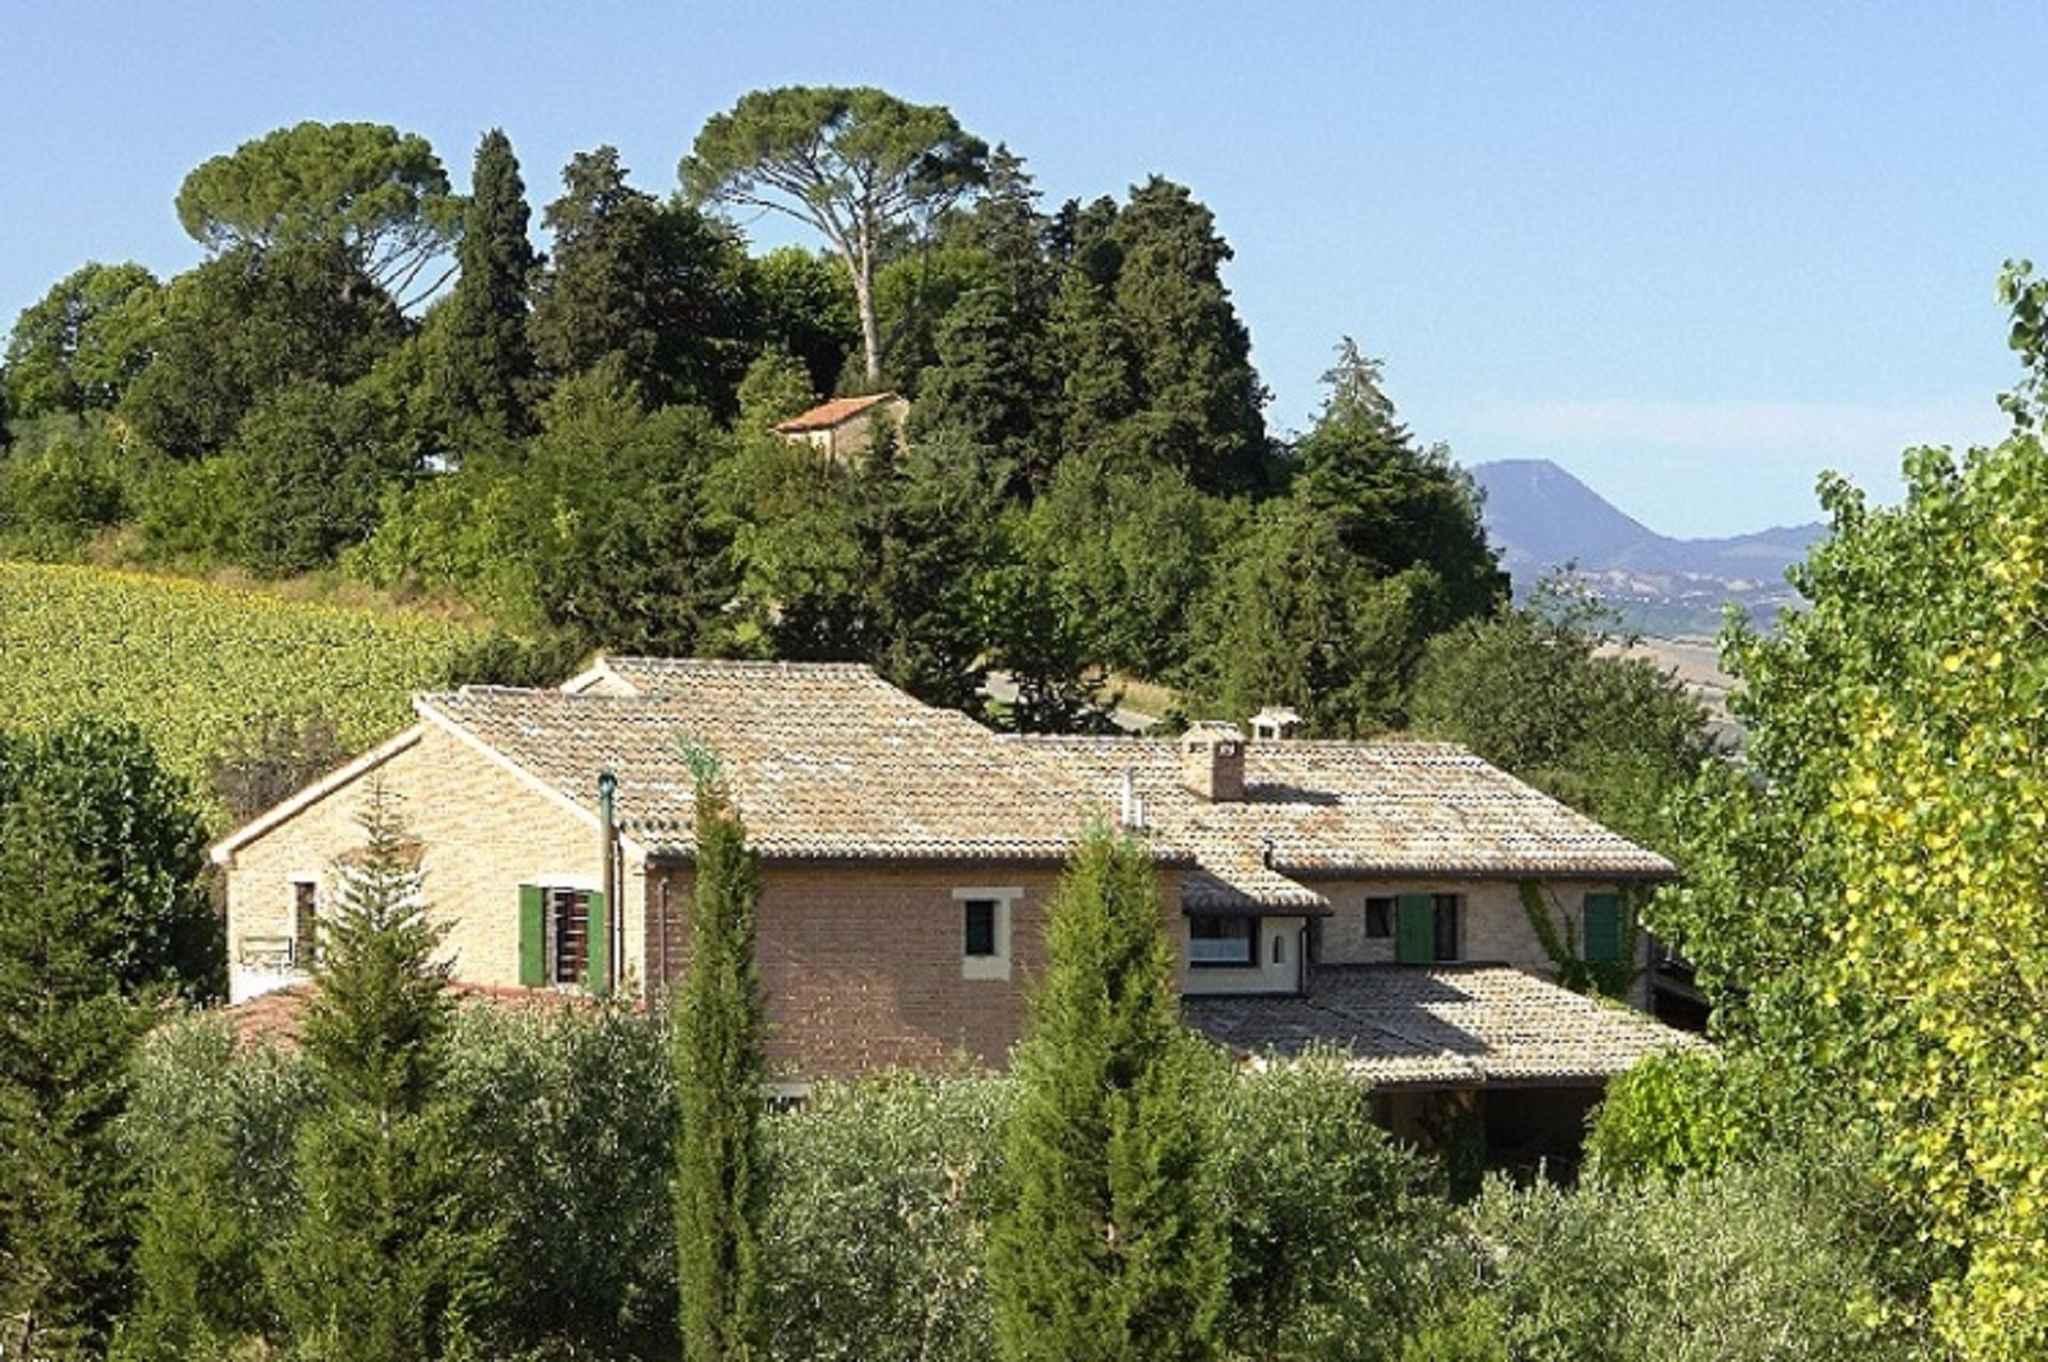 Ferienhaus per 15 persone con piscina (602147), Jesi, Ancona, Marken, Italien, Bild 2